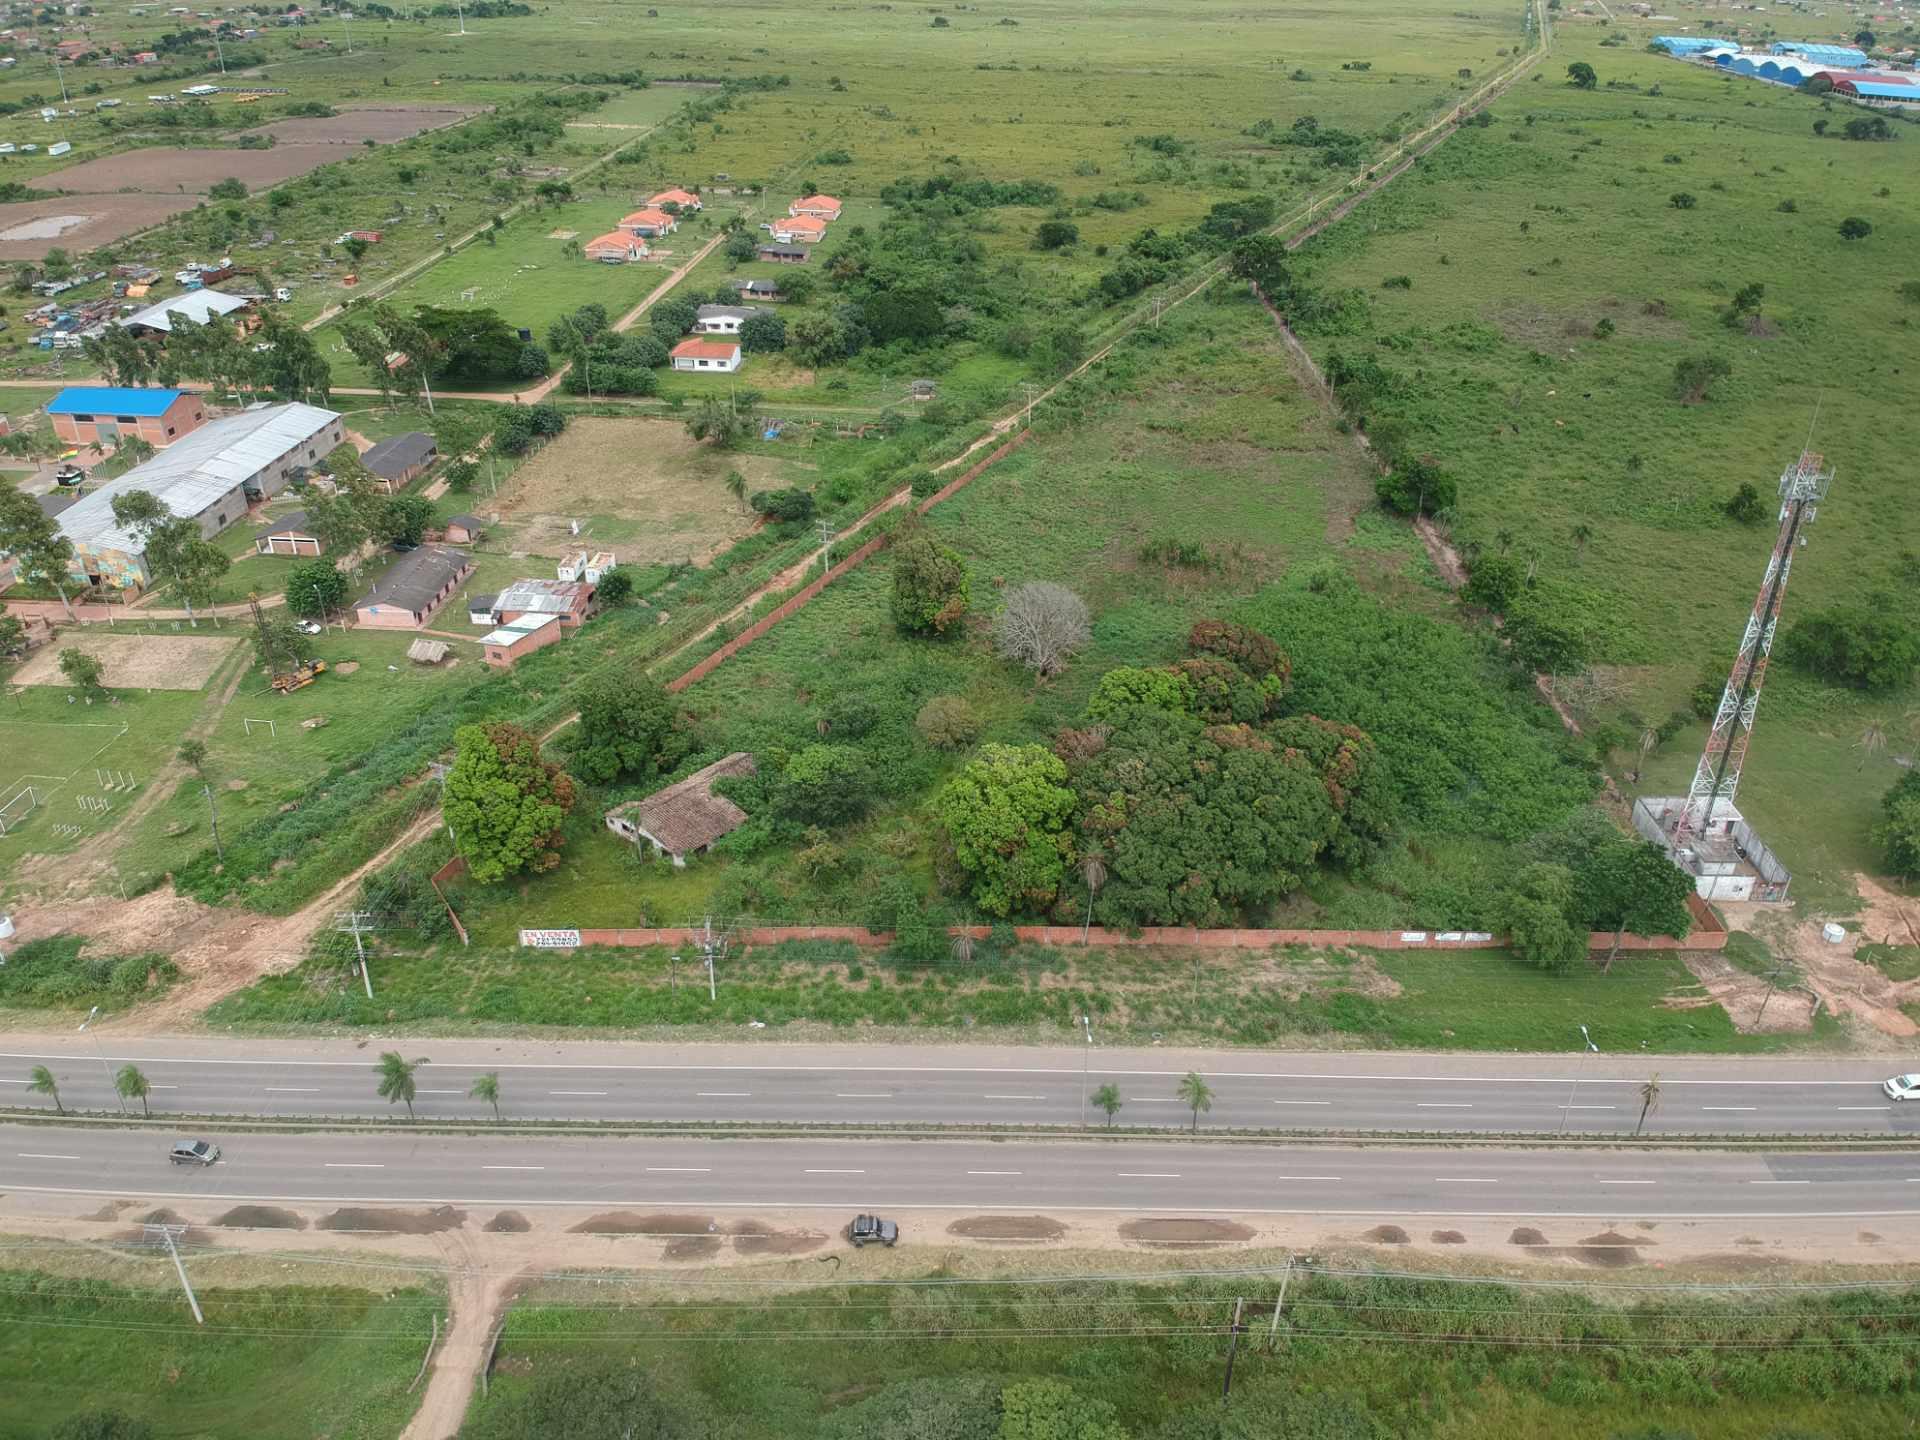 Terreno en Venta SOBRE LA CARRETERA AL NORTE, VENDO TERRENO EN ESQUINA ZONA PARQUE MONUMENTAL Foto 2